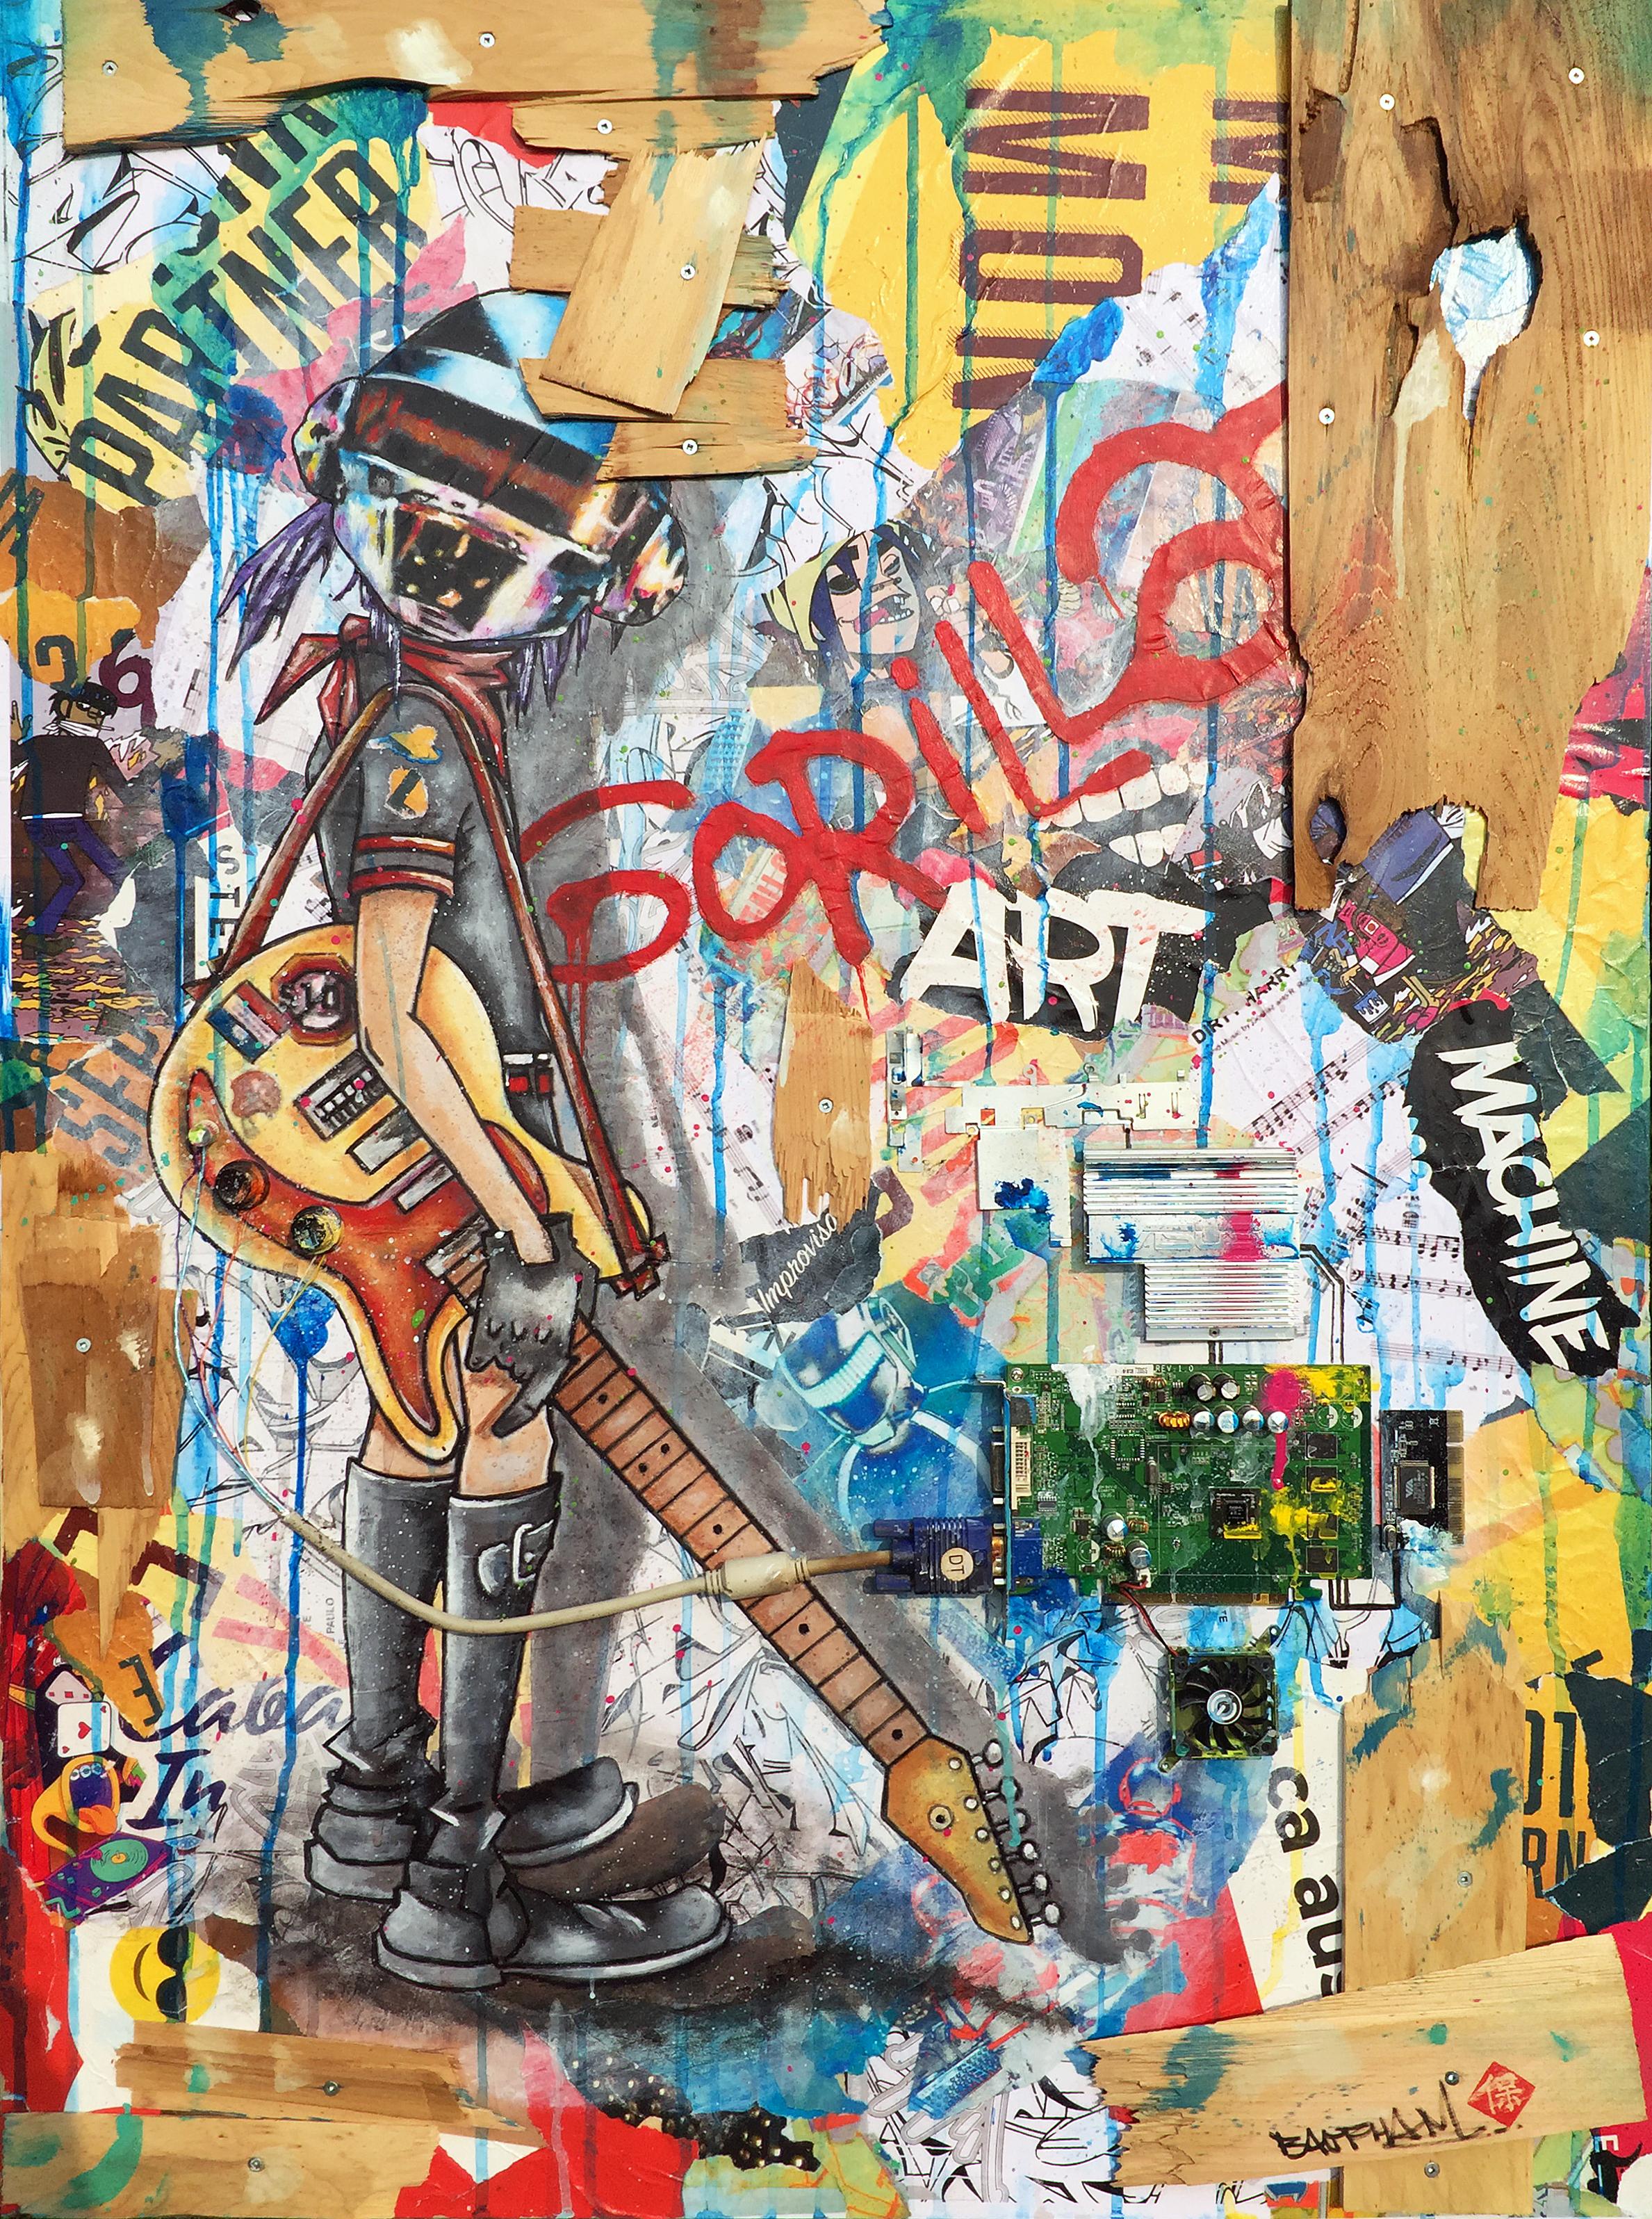 Gorillart-Funk